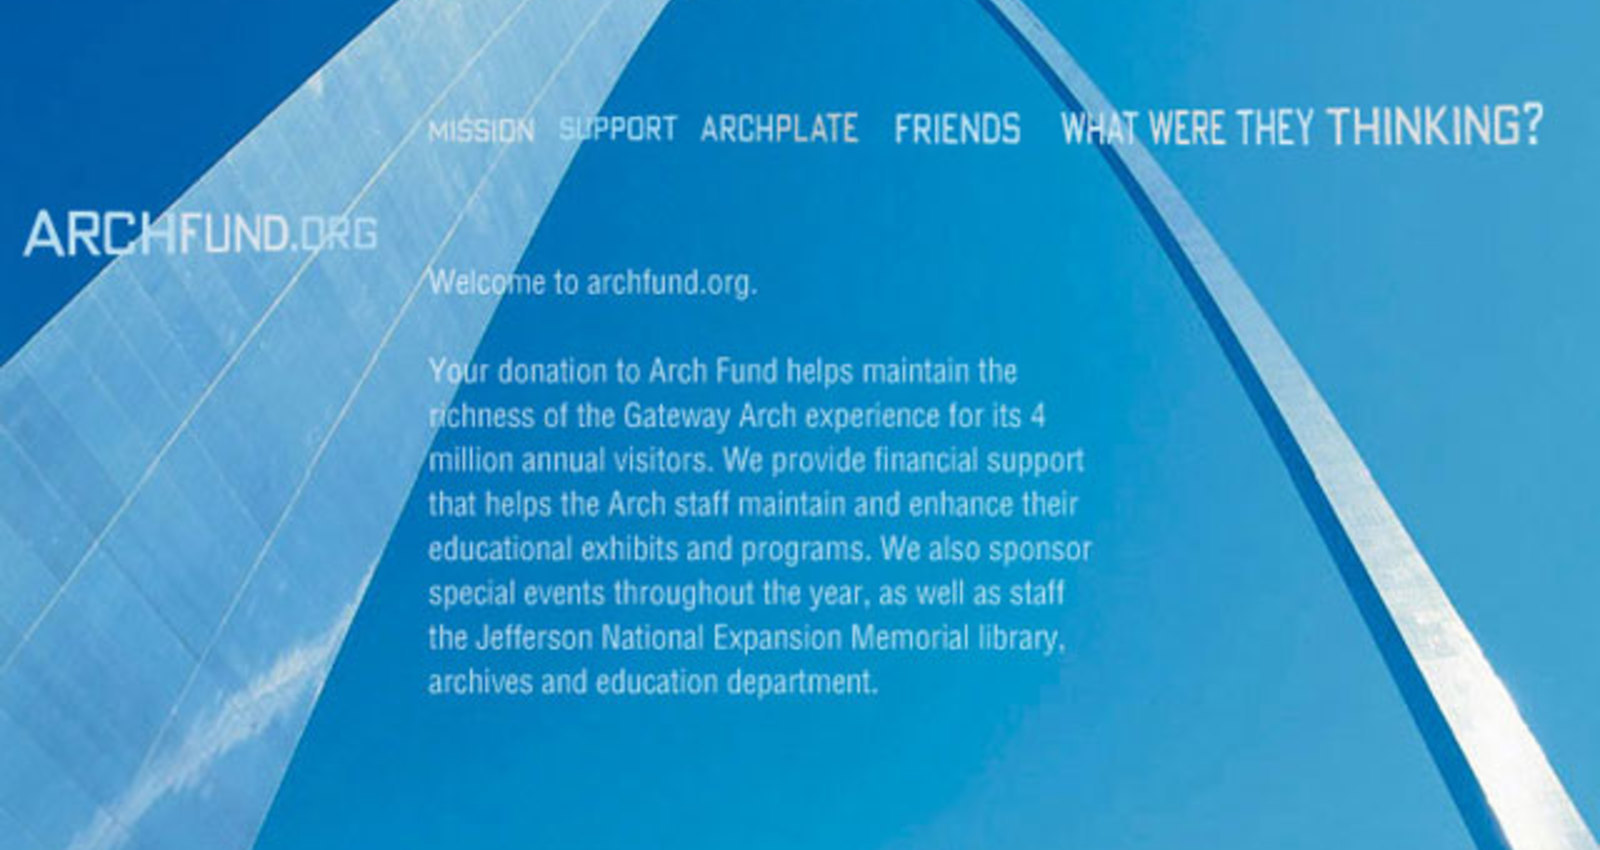 archfund.org